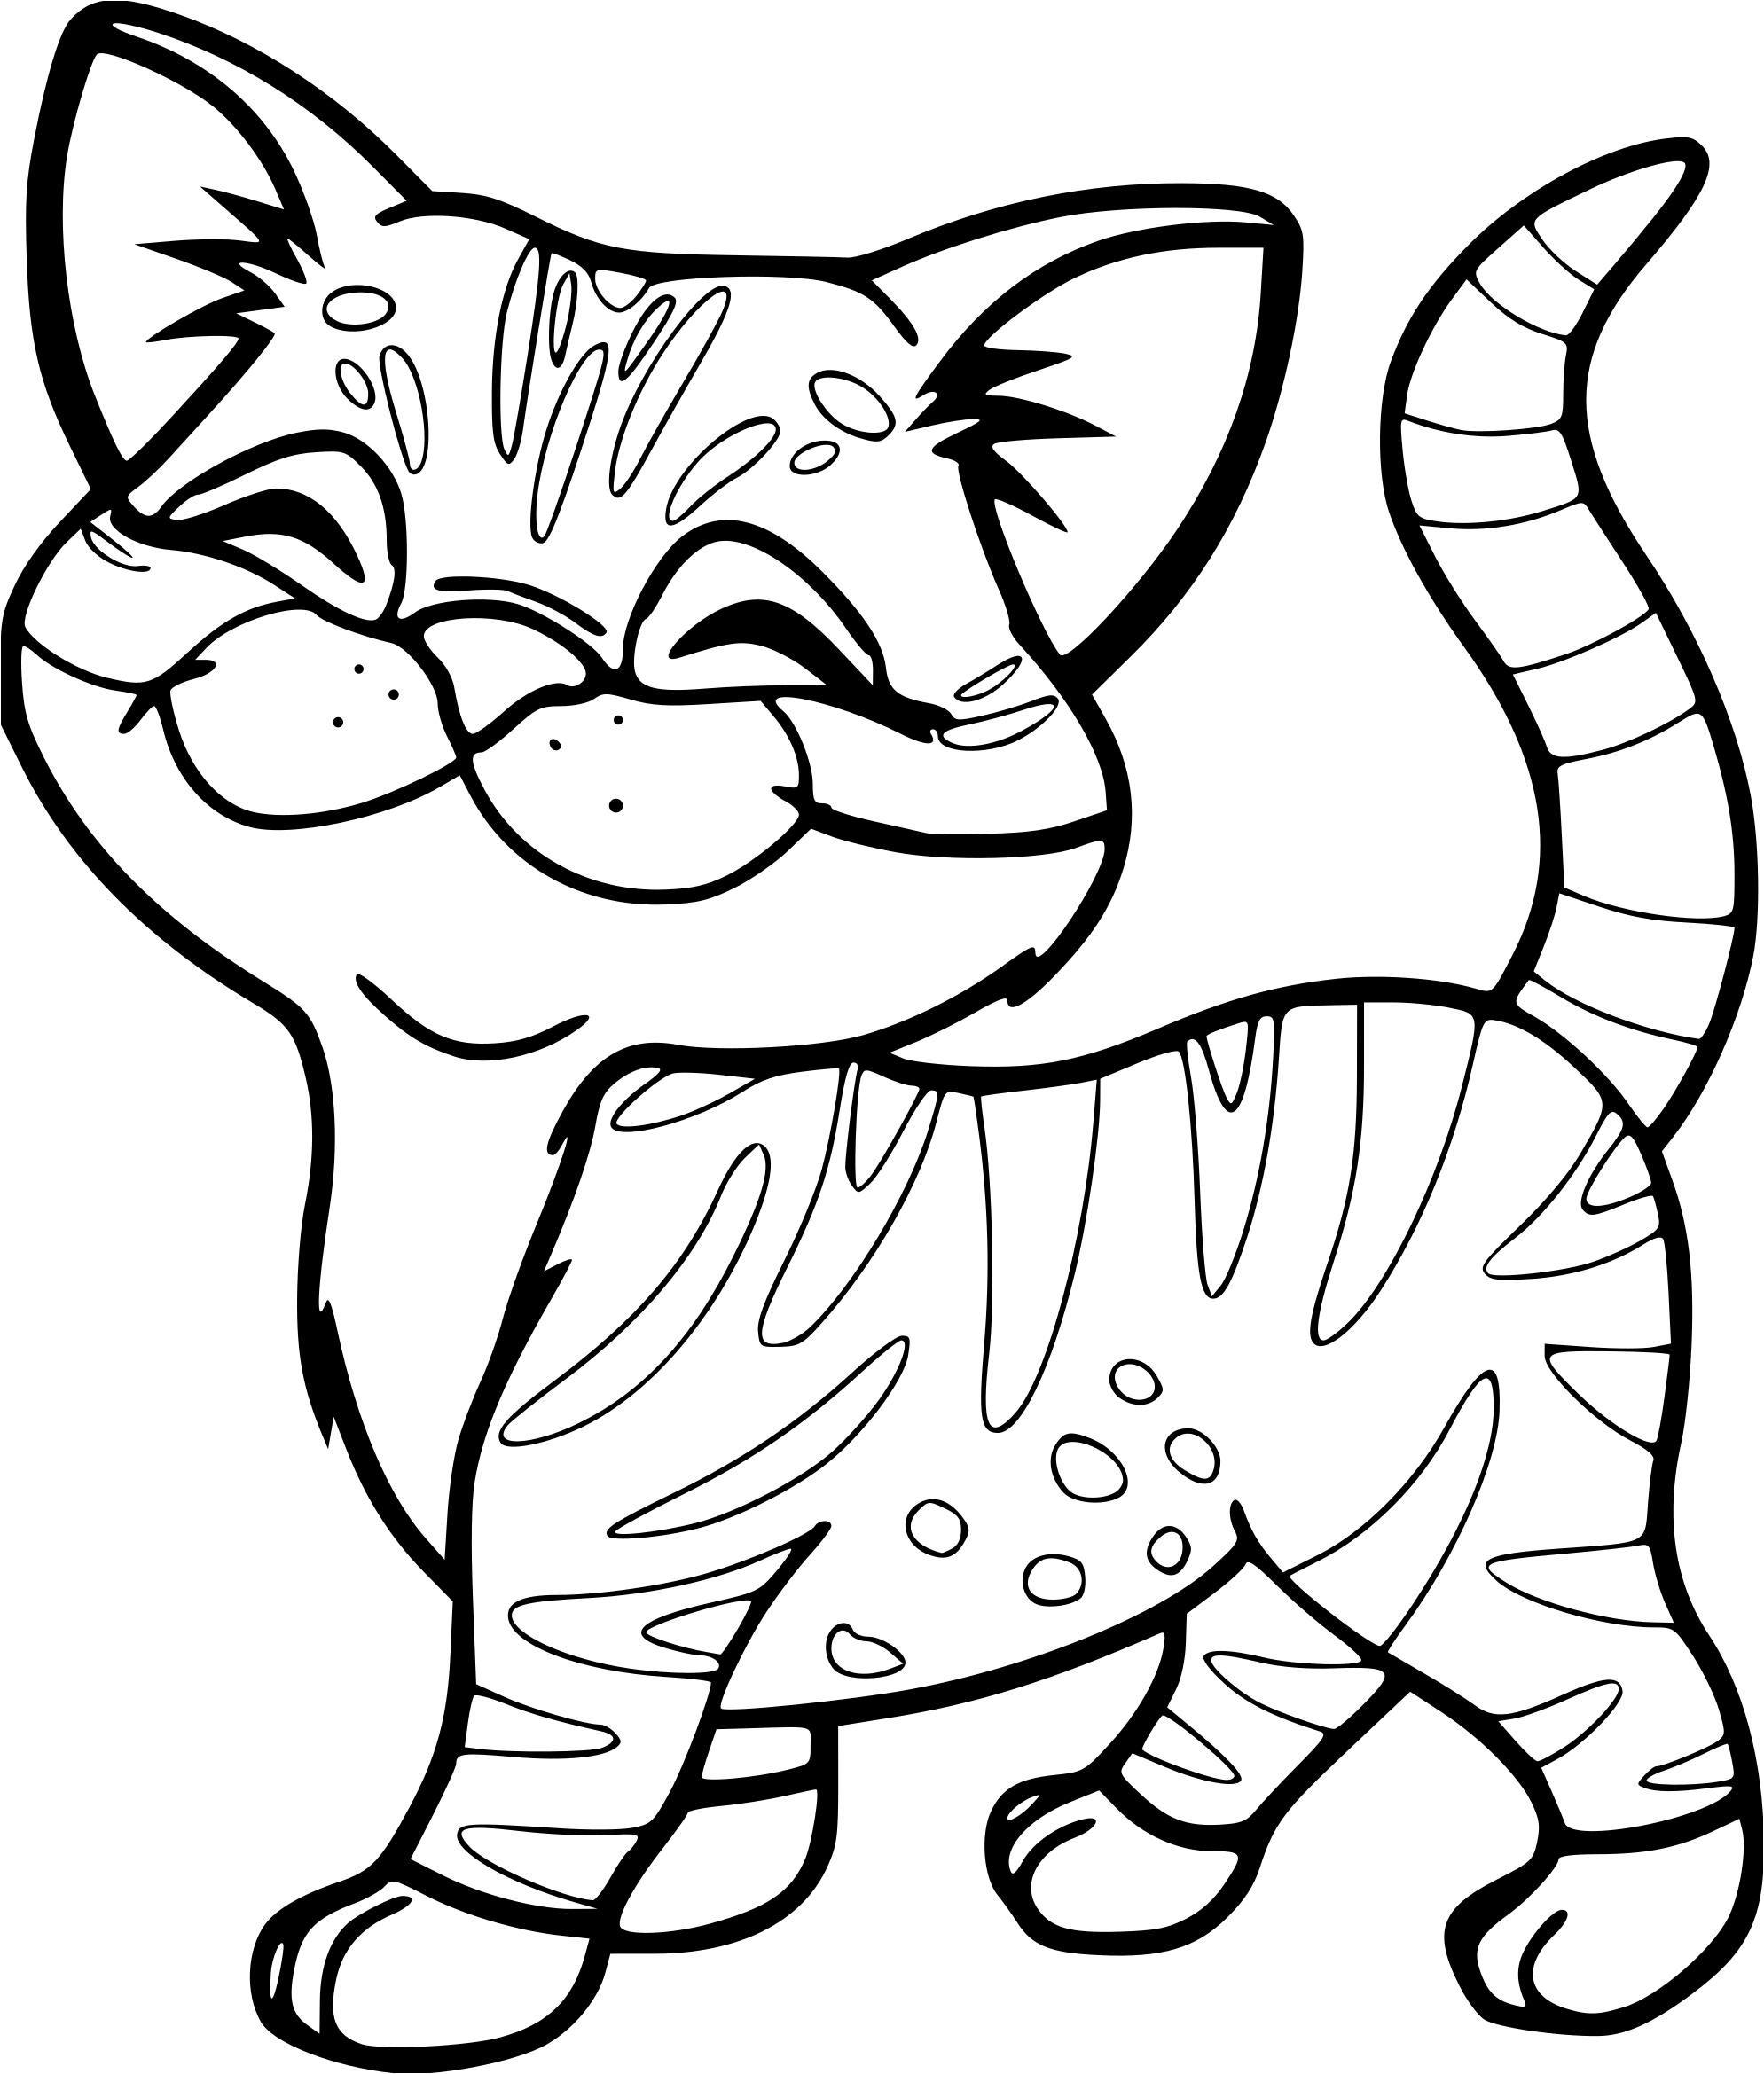 Coloriage Animaux Mignon Inspiration Coloriage Animaux De La tout Coloriage A4 Imprimer Gratuit